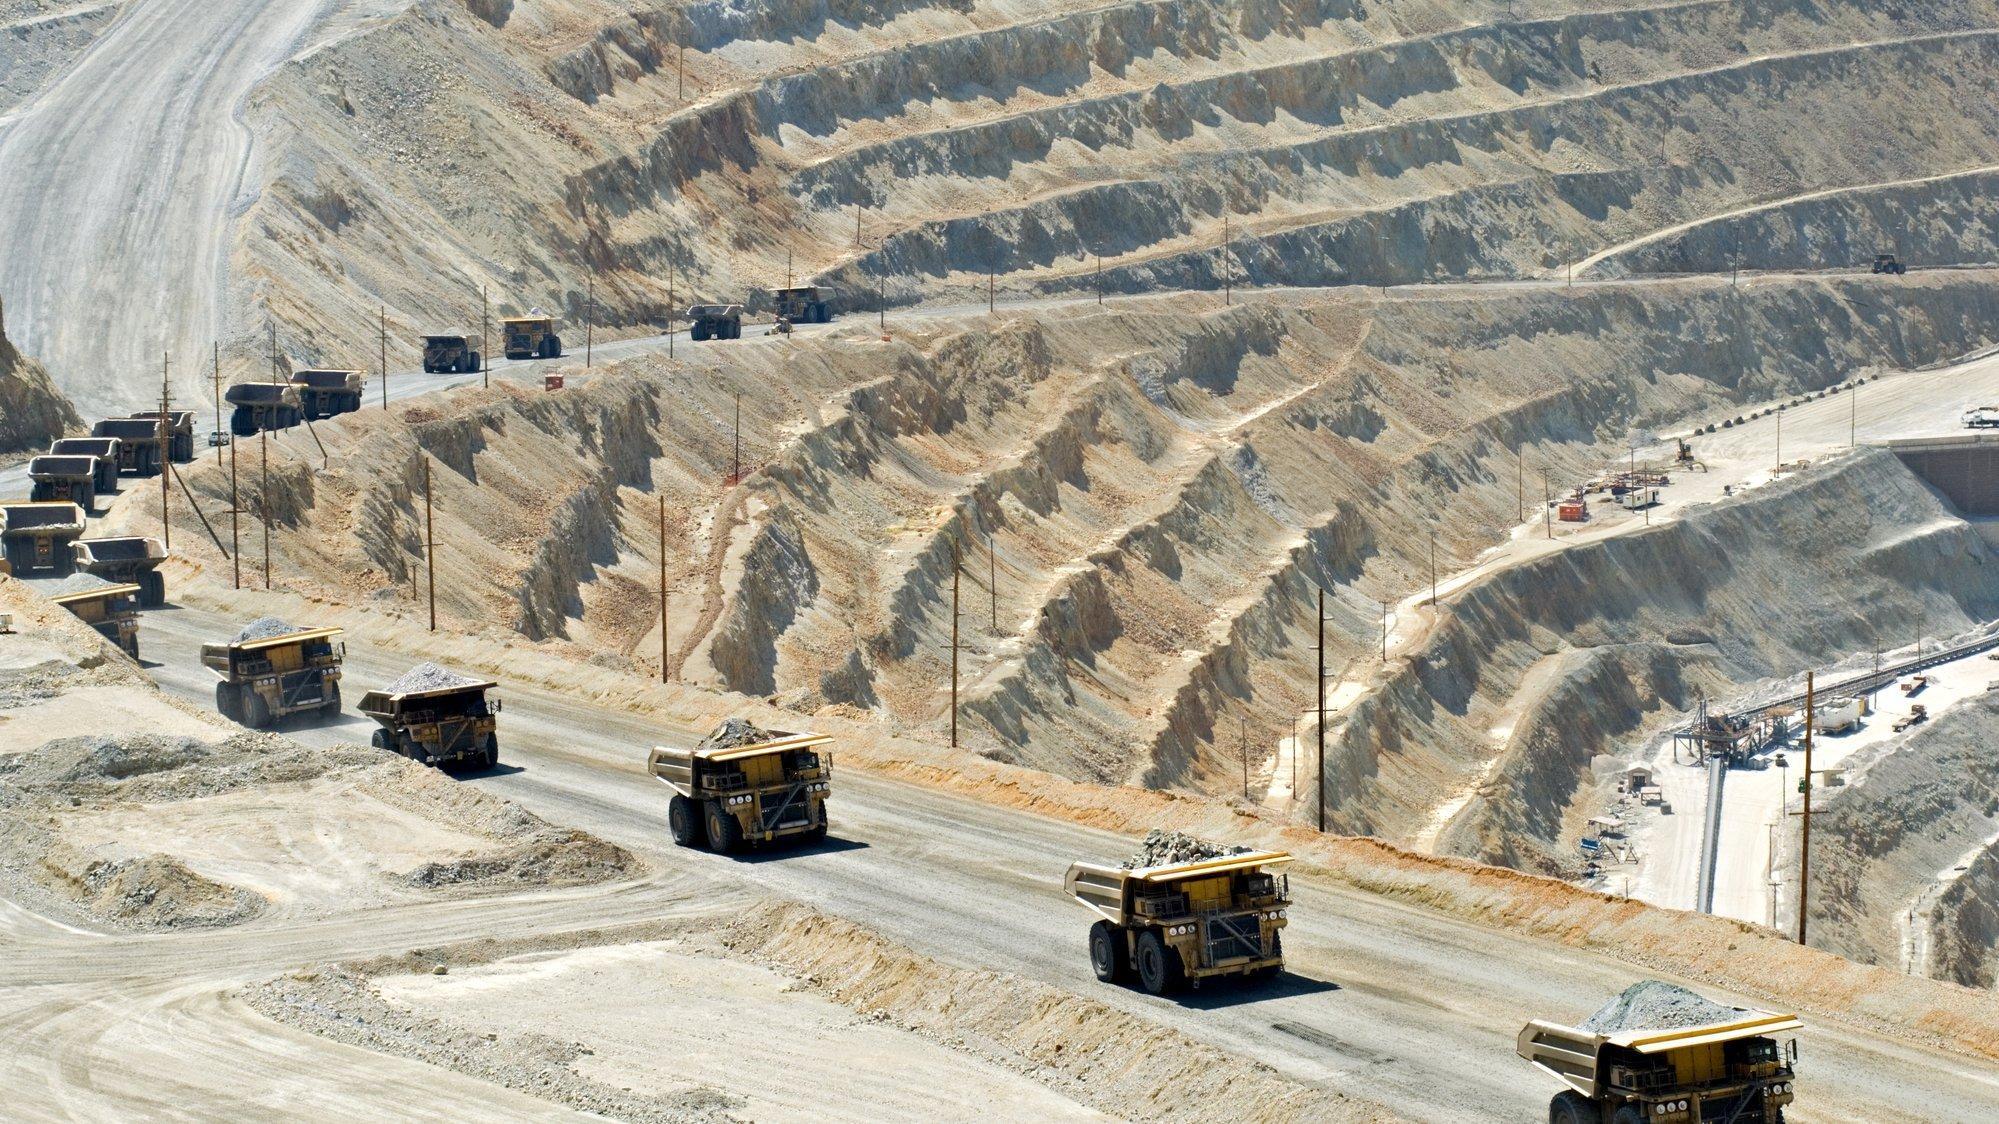 Das Bild zeigt eine Tagebaugrube, aus der eine Straße herausführt. Auf dieser Straße fahren in einer langen Kette Lastwagen, die Material abtransportieren. Das Bild symbolisiert Umwelteingriffe des Menschen.